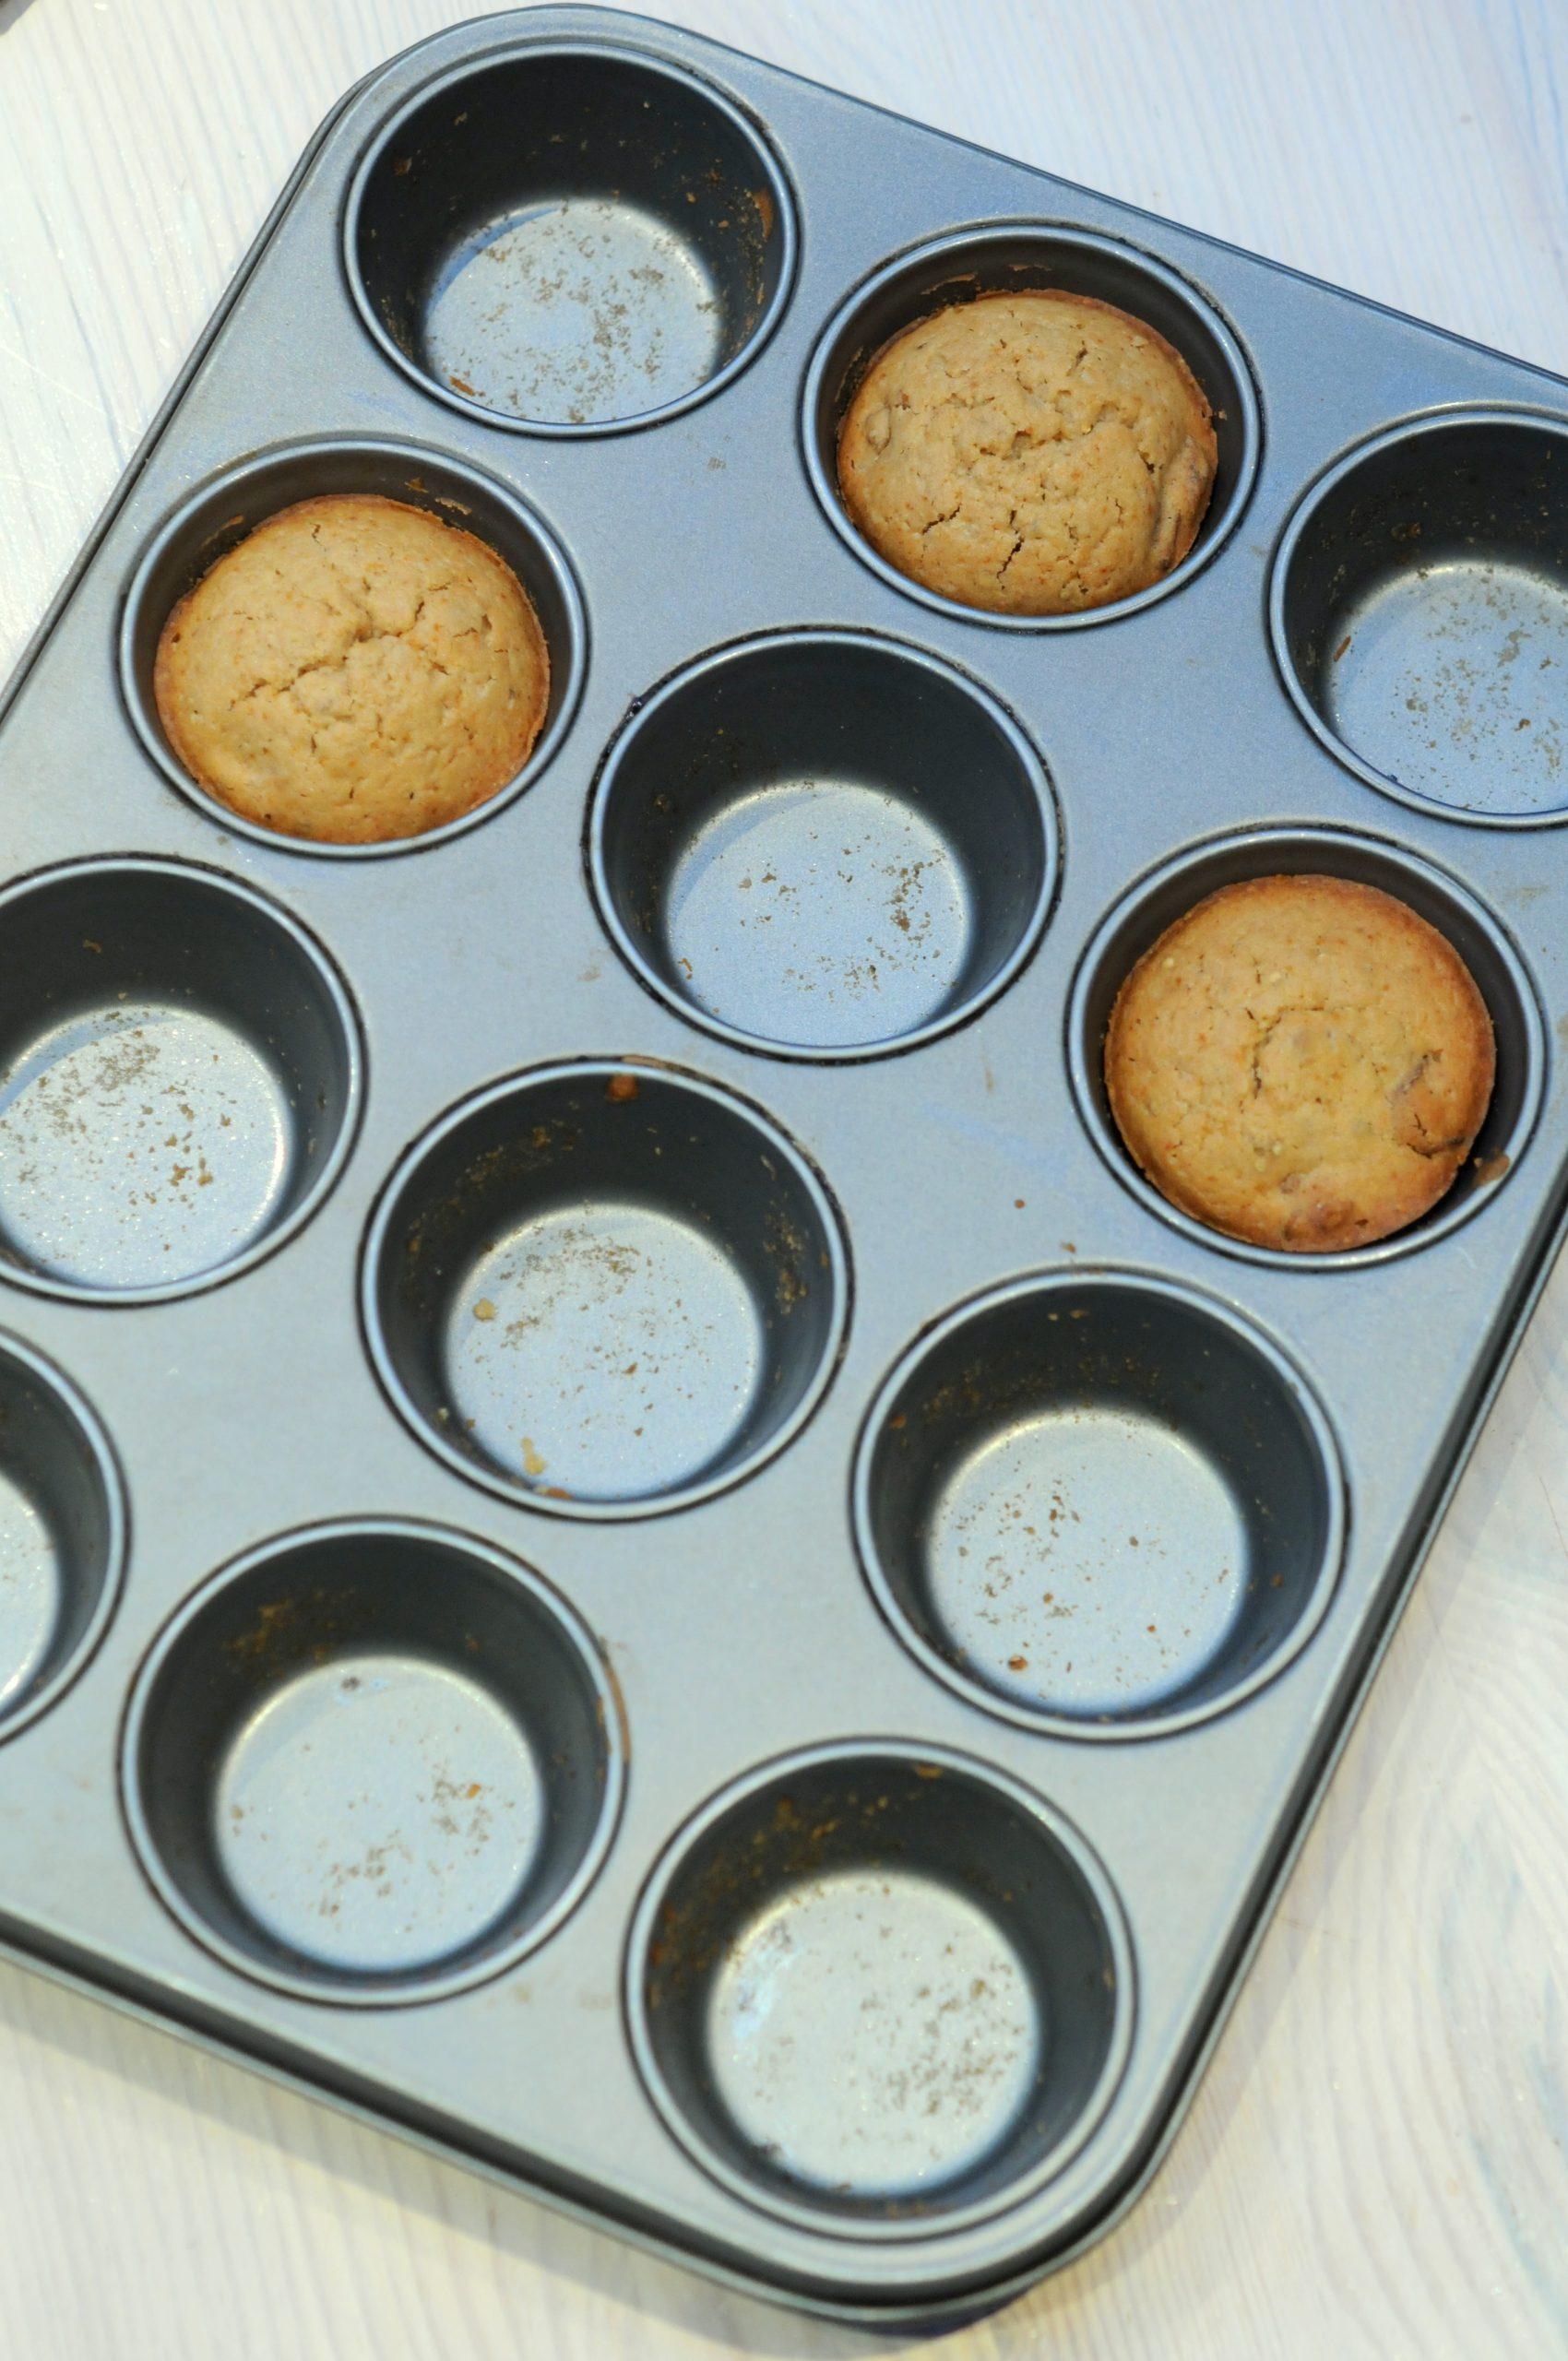 recette de base de muffins sans soja gluten oeufs etc ou avec ce qu 39 on veut. Black Bedroom Furniture Sets. Home Design Ideas